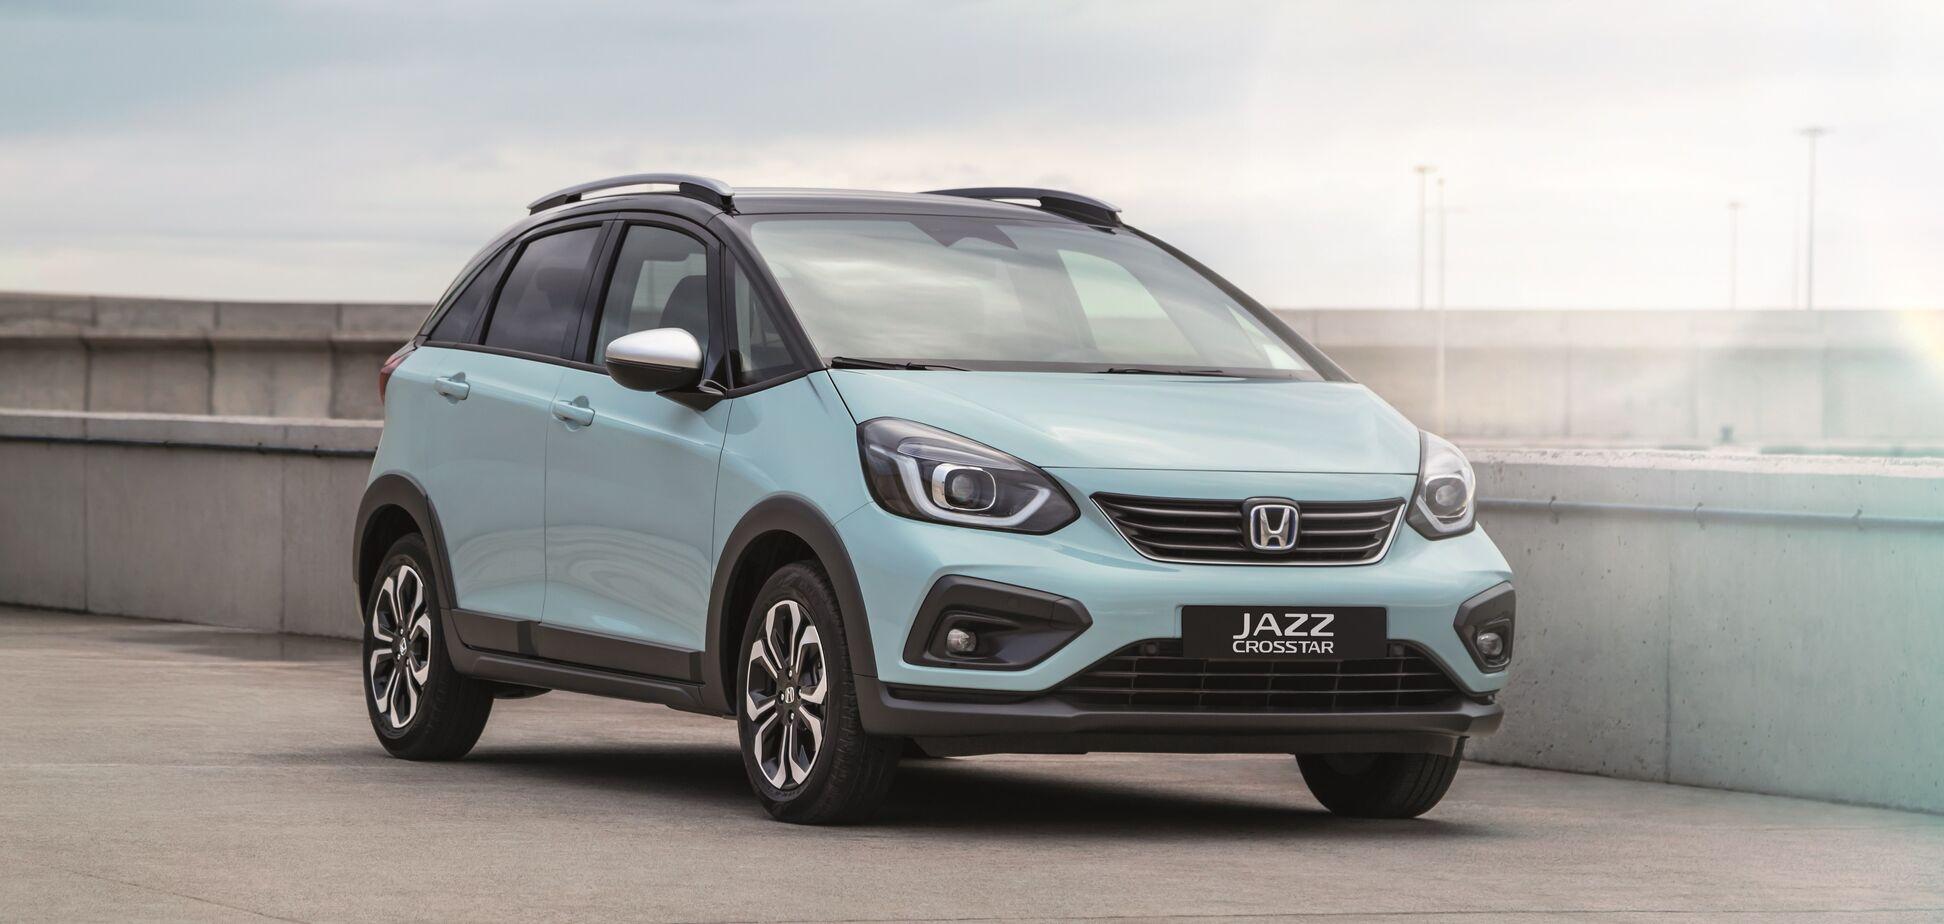 Honda Jazz получила новый дизайн и стала гибридом